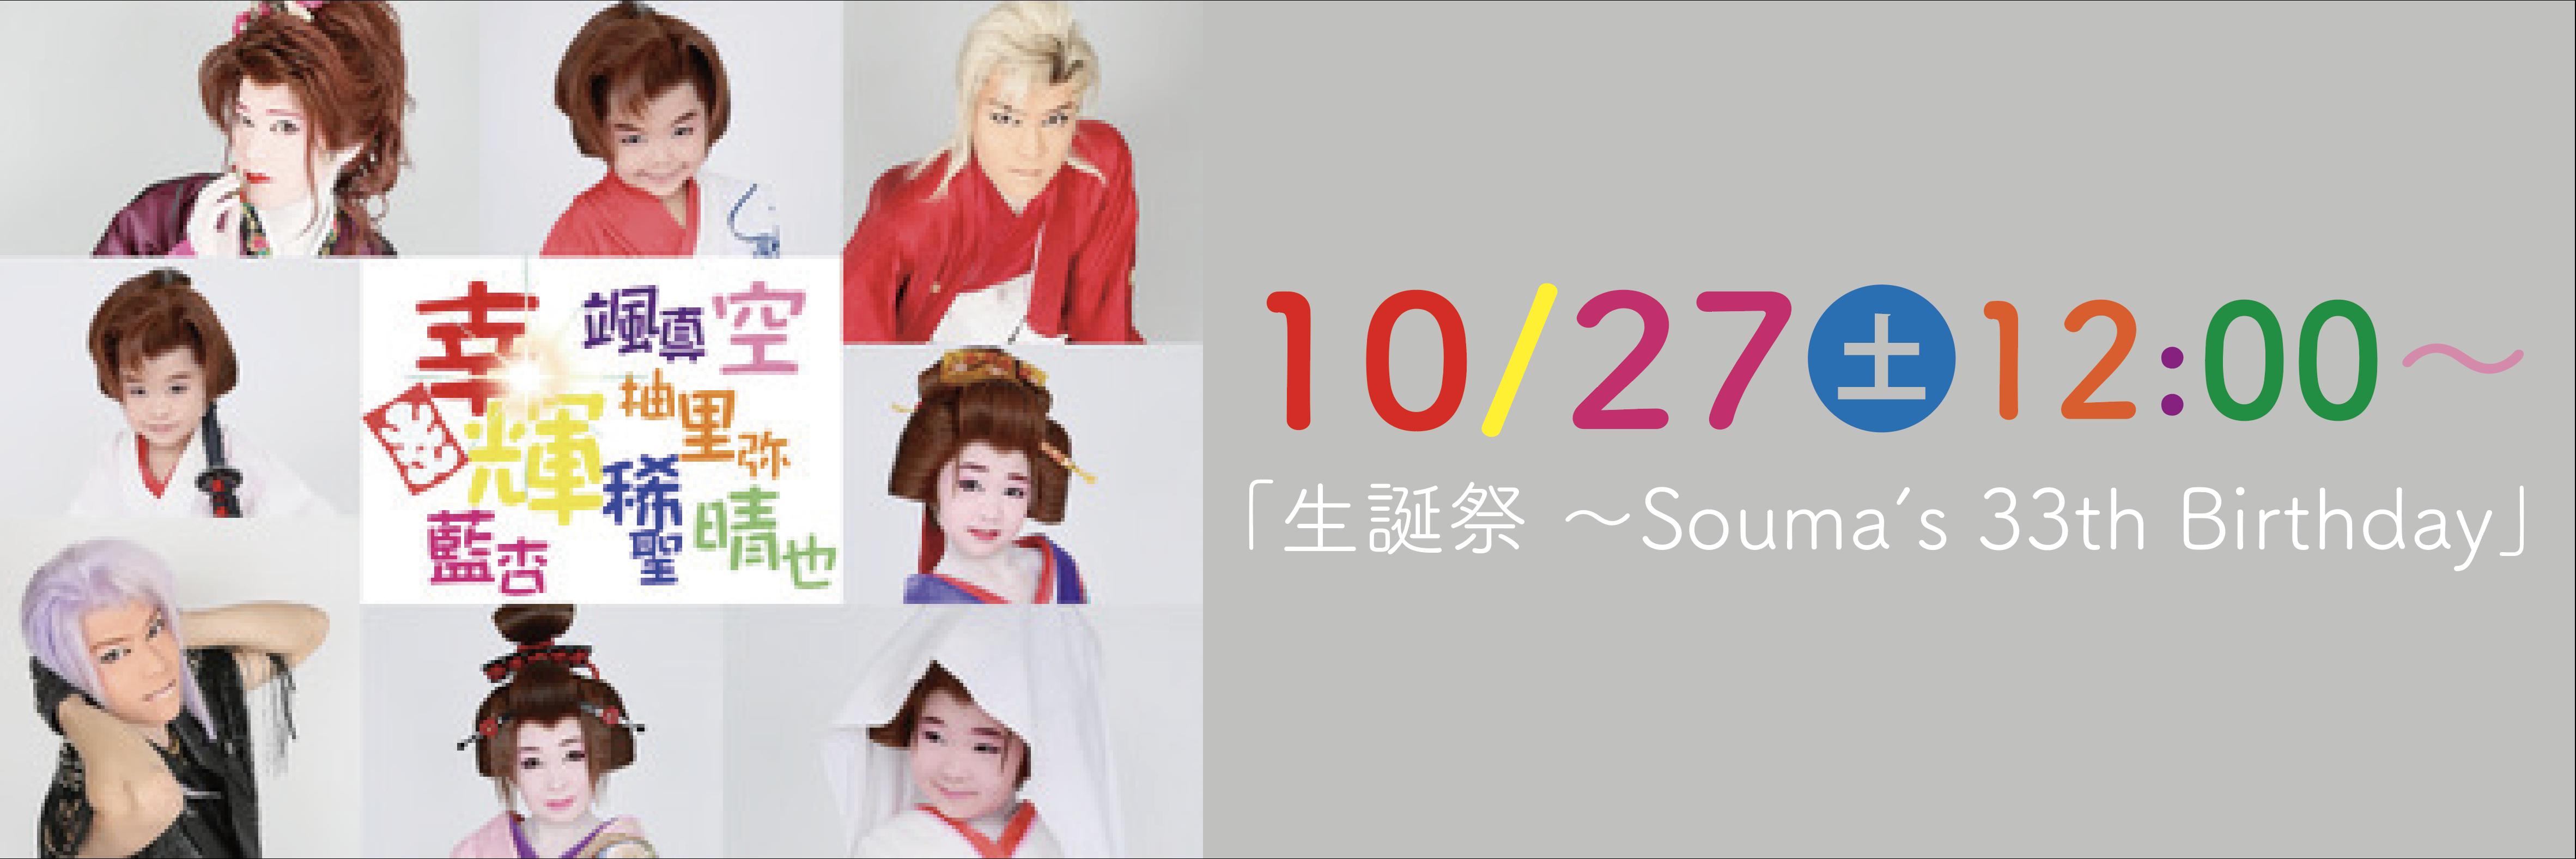 「生誕祭 ~Souma's33th Birthday」